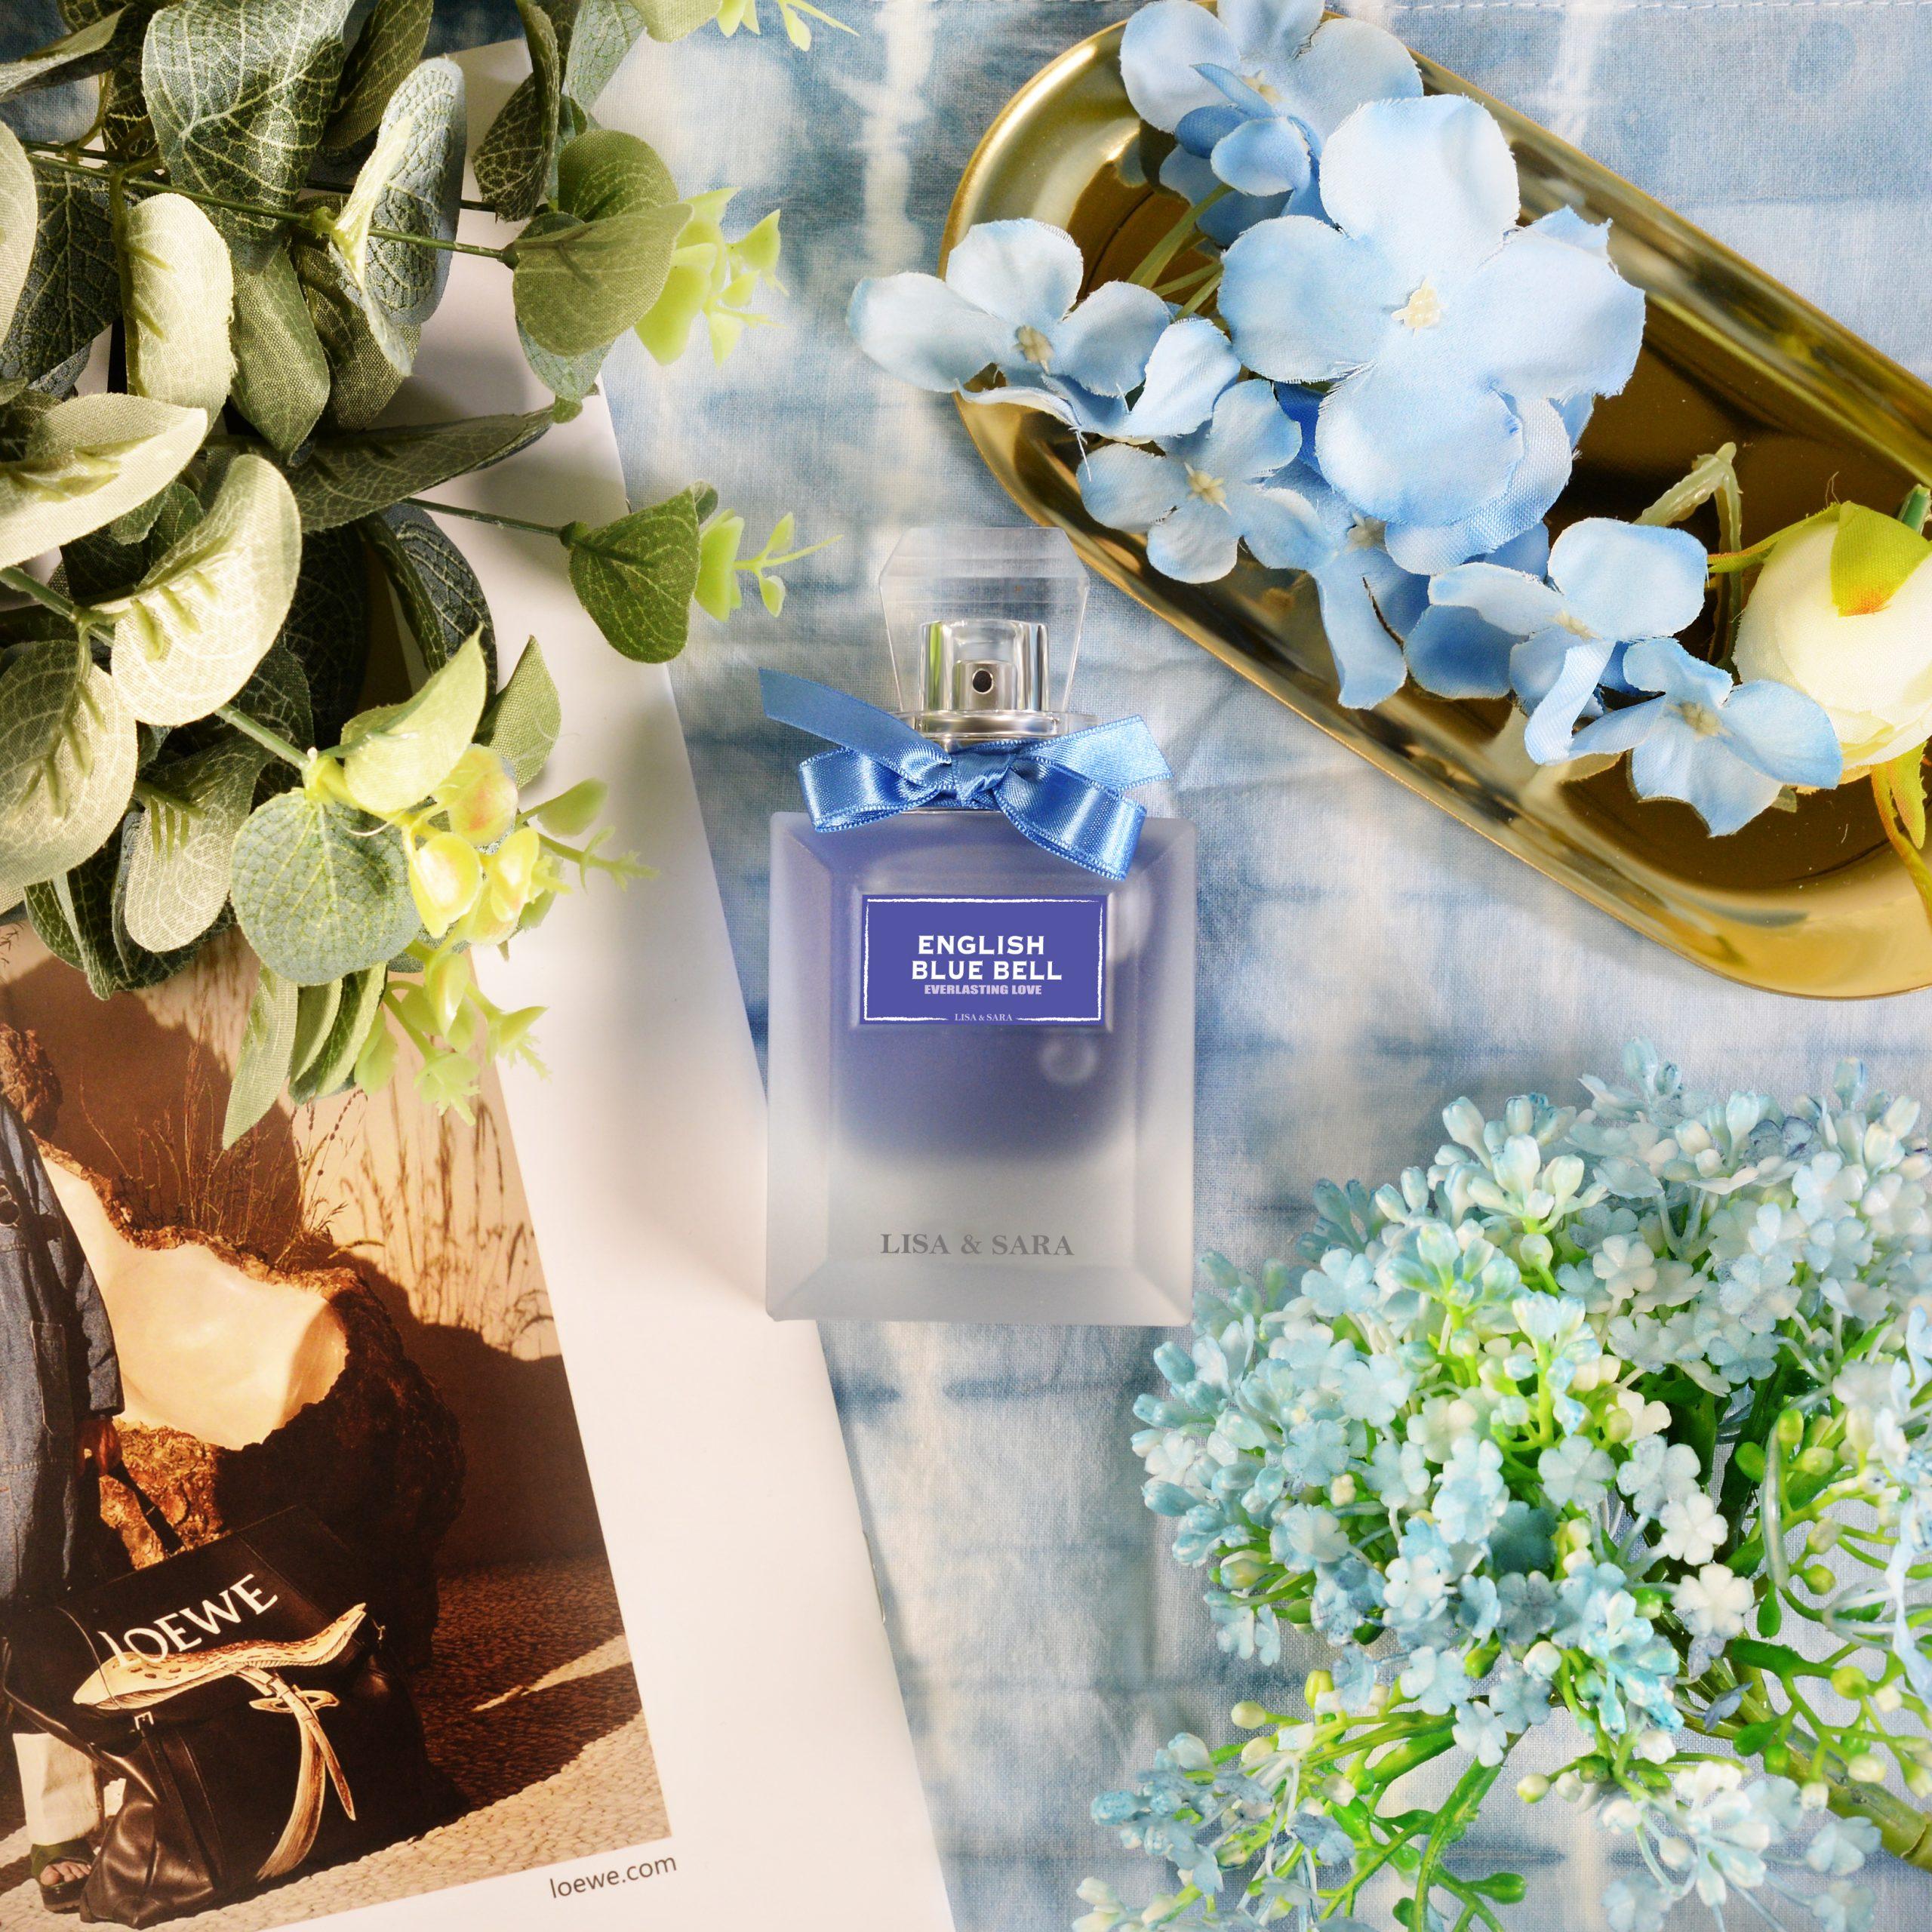 充滿活力的藍色花蕾盛開在山谷中,點綴露珠的甜蜜嬌弱,糅合鈴蘭的獨特香氣,再以麝香作為後調,粉質純淨,為香味帶來縈繞不散的氣息。